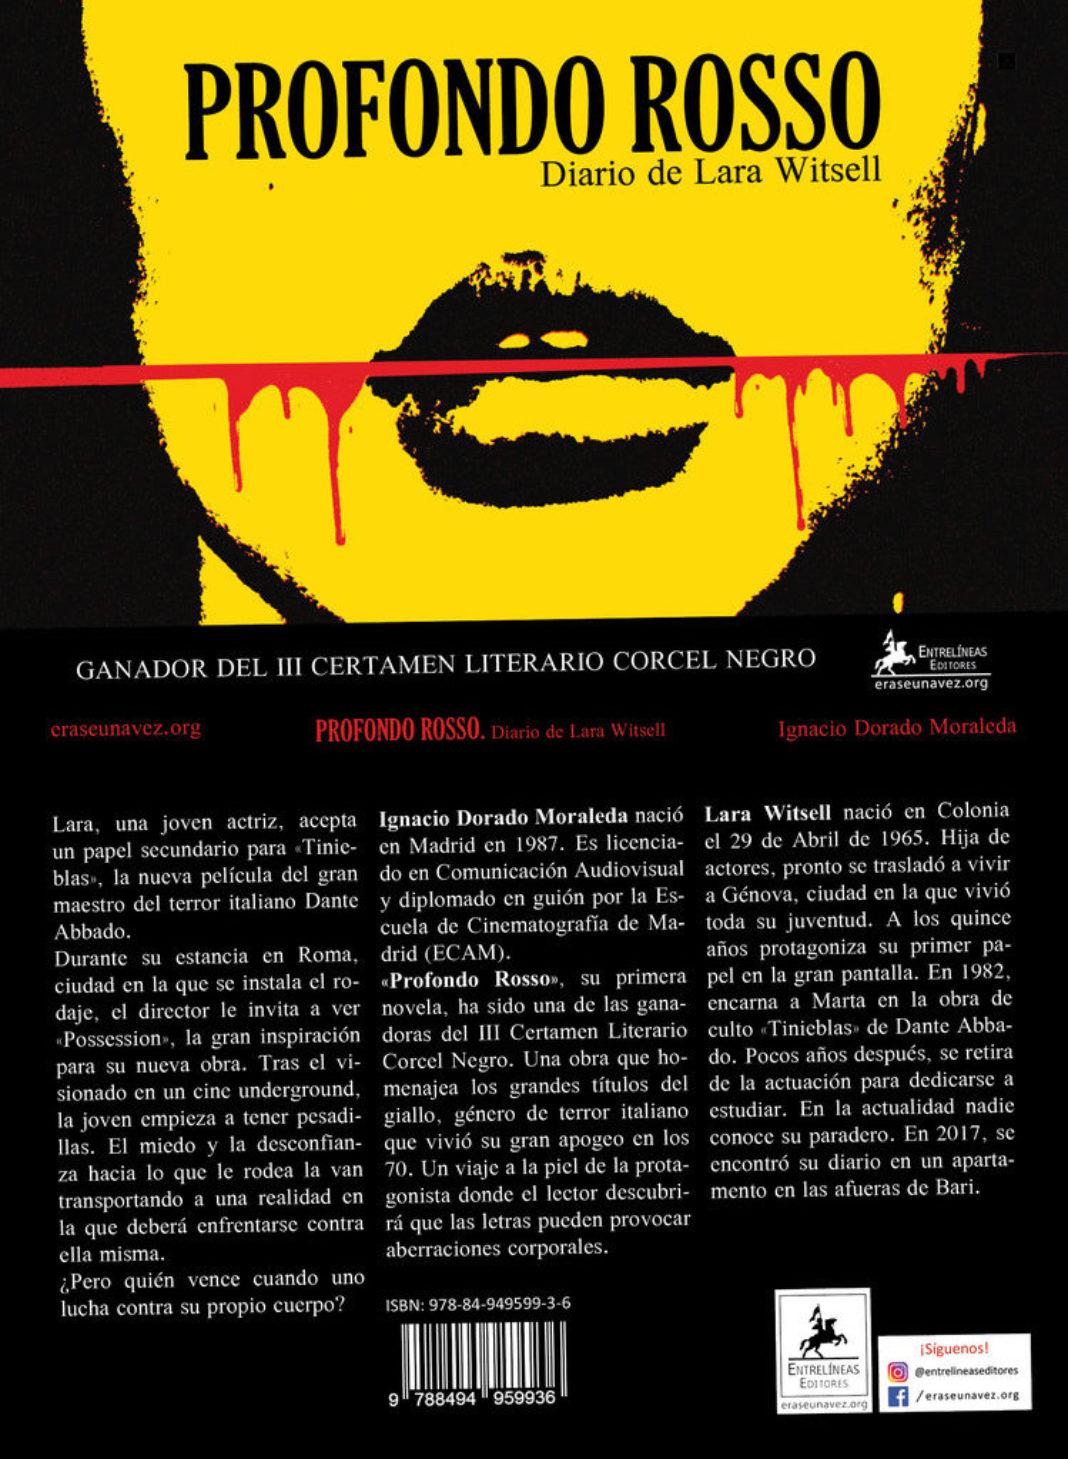 Cubierta Profondo Rosso 1068x1459 - Ignacio Dorado presenta su primera novela en Herencia de la mano de la Universidad Popular